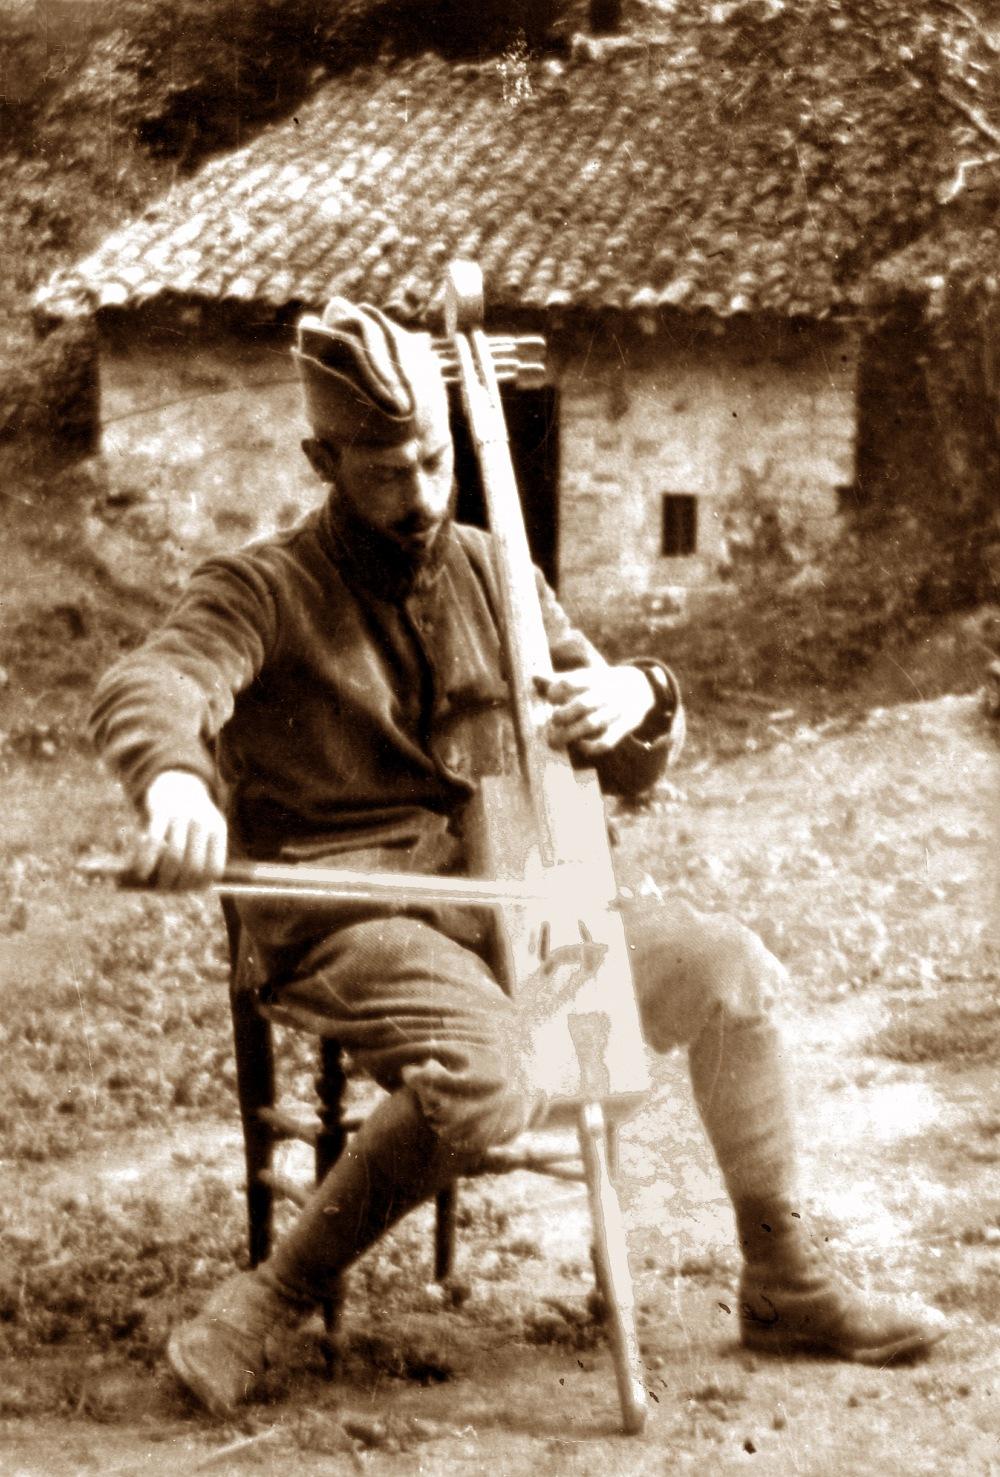 François Gervais avec violoncelle@fabriqué dans une boîte de munitions